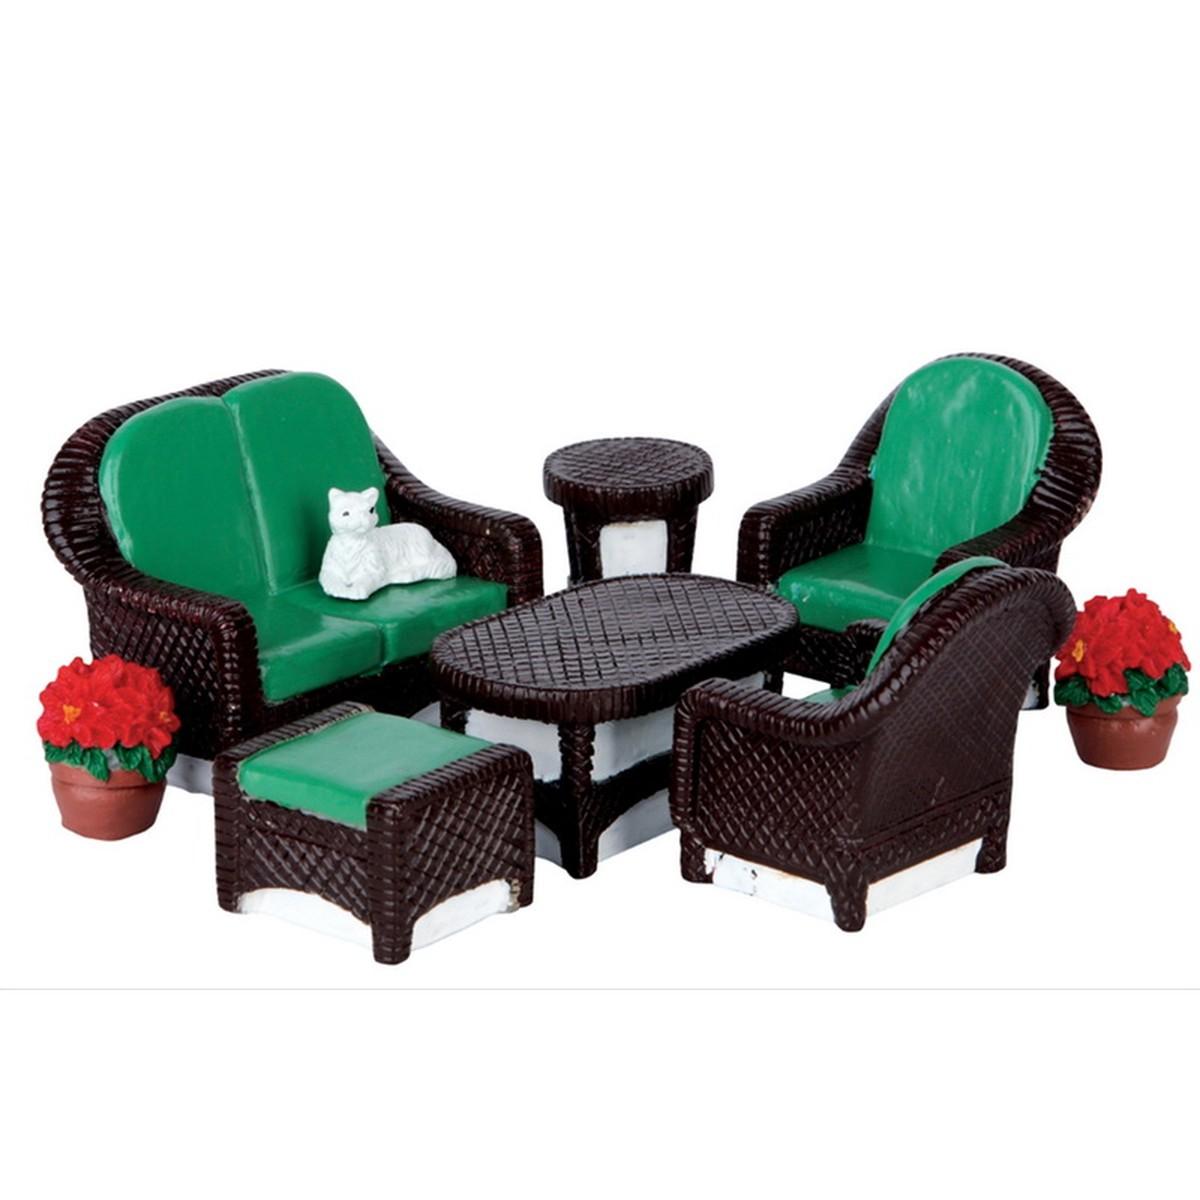 lemax le mobilier de jardin schilliger. Black Bedroom Furniture Sets. Home Design Ideas